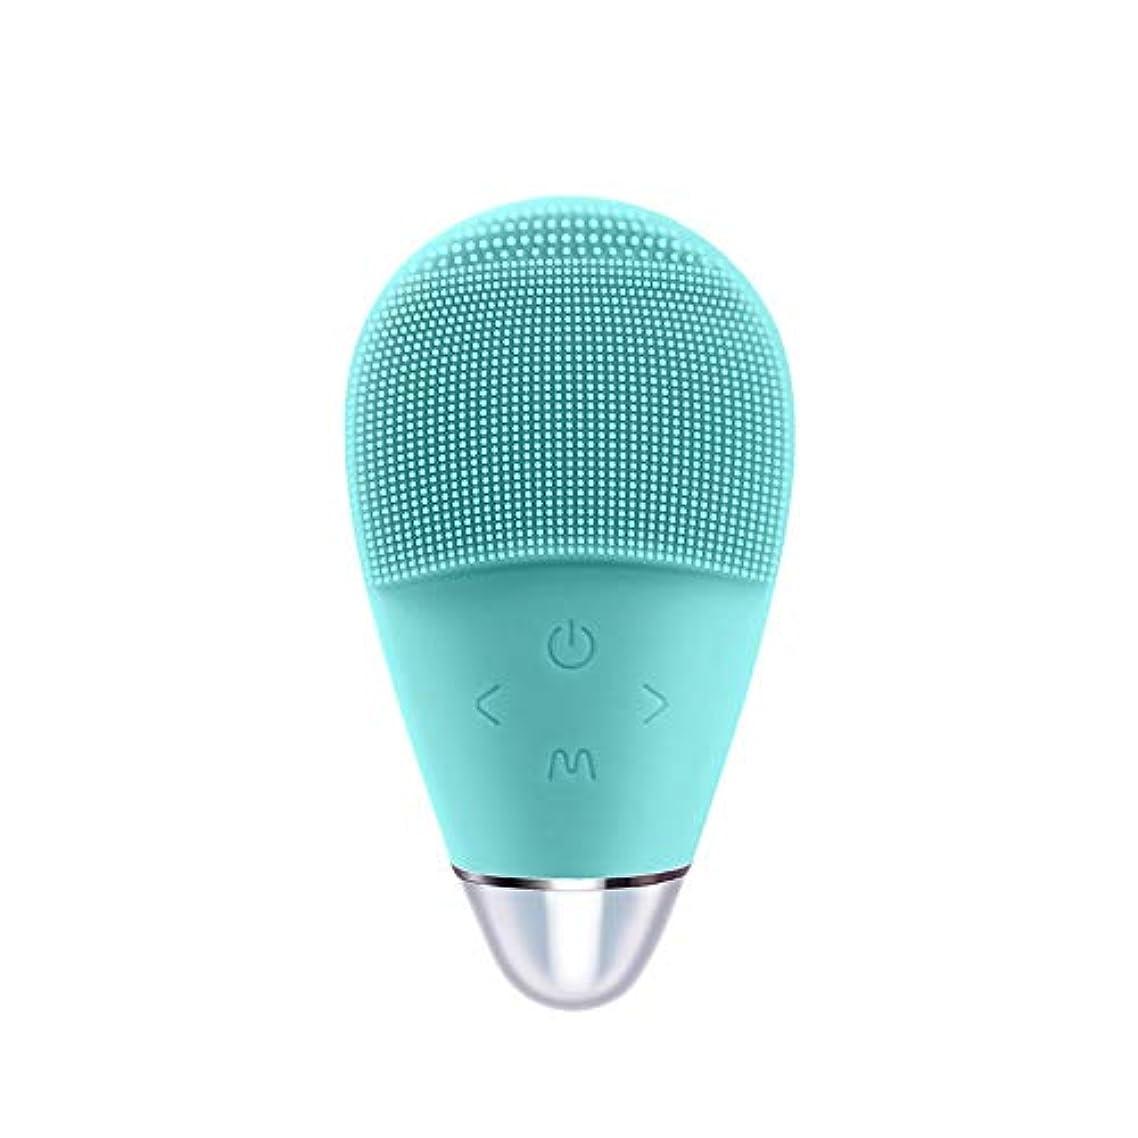 資本最大売上高シリコーン洗浄器具電気洗濯機超音波美容器具顔の毛穴クリーナー (Color : Blue)